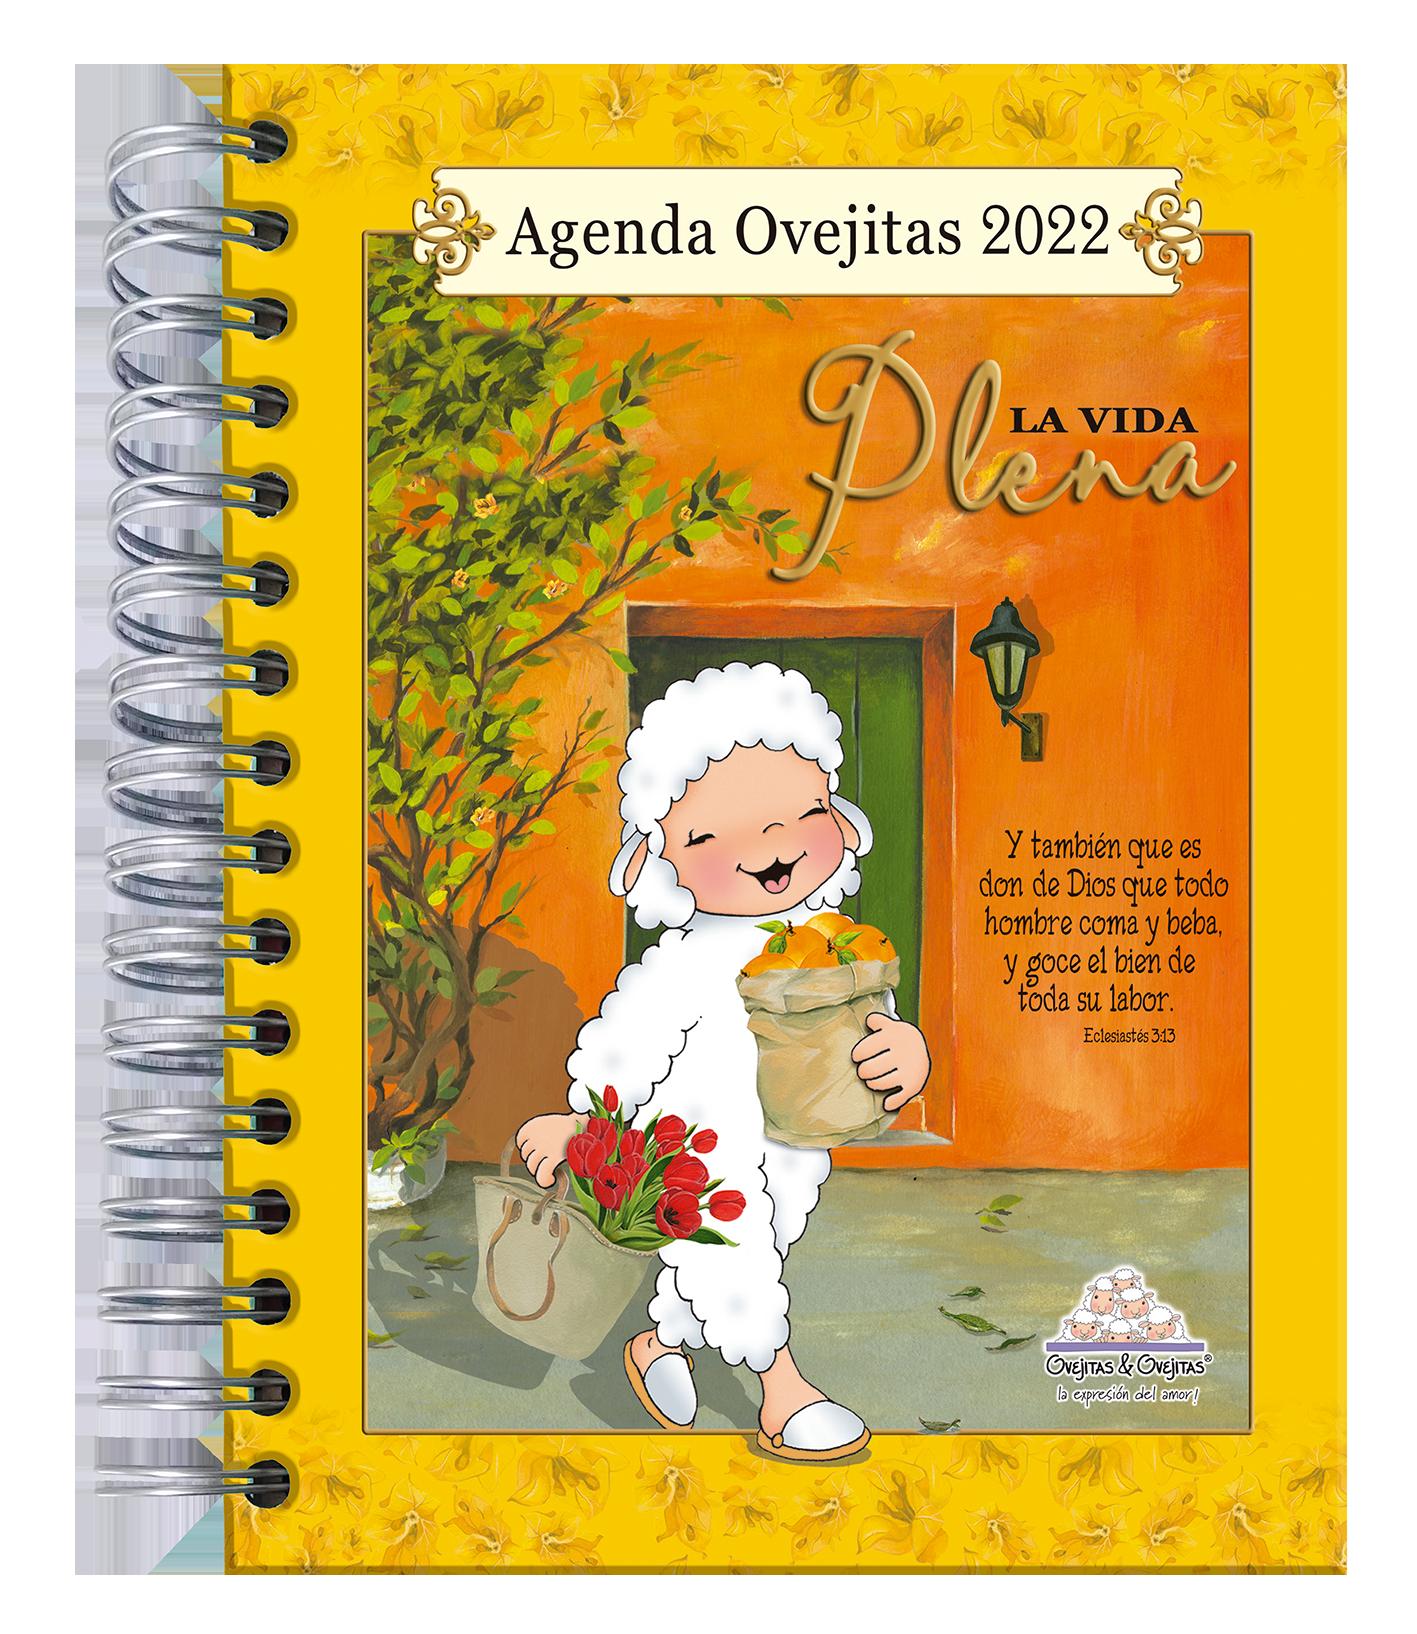 Agenda Ovejitas La Vida Plena 2022 Amarilla